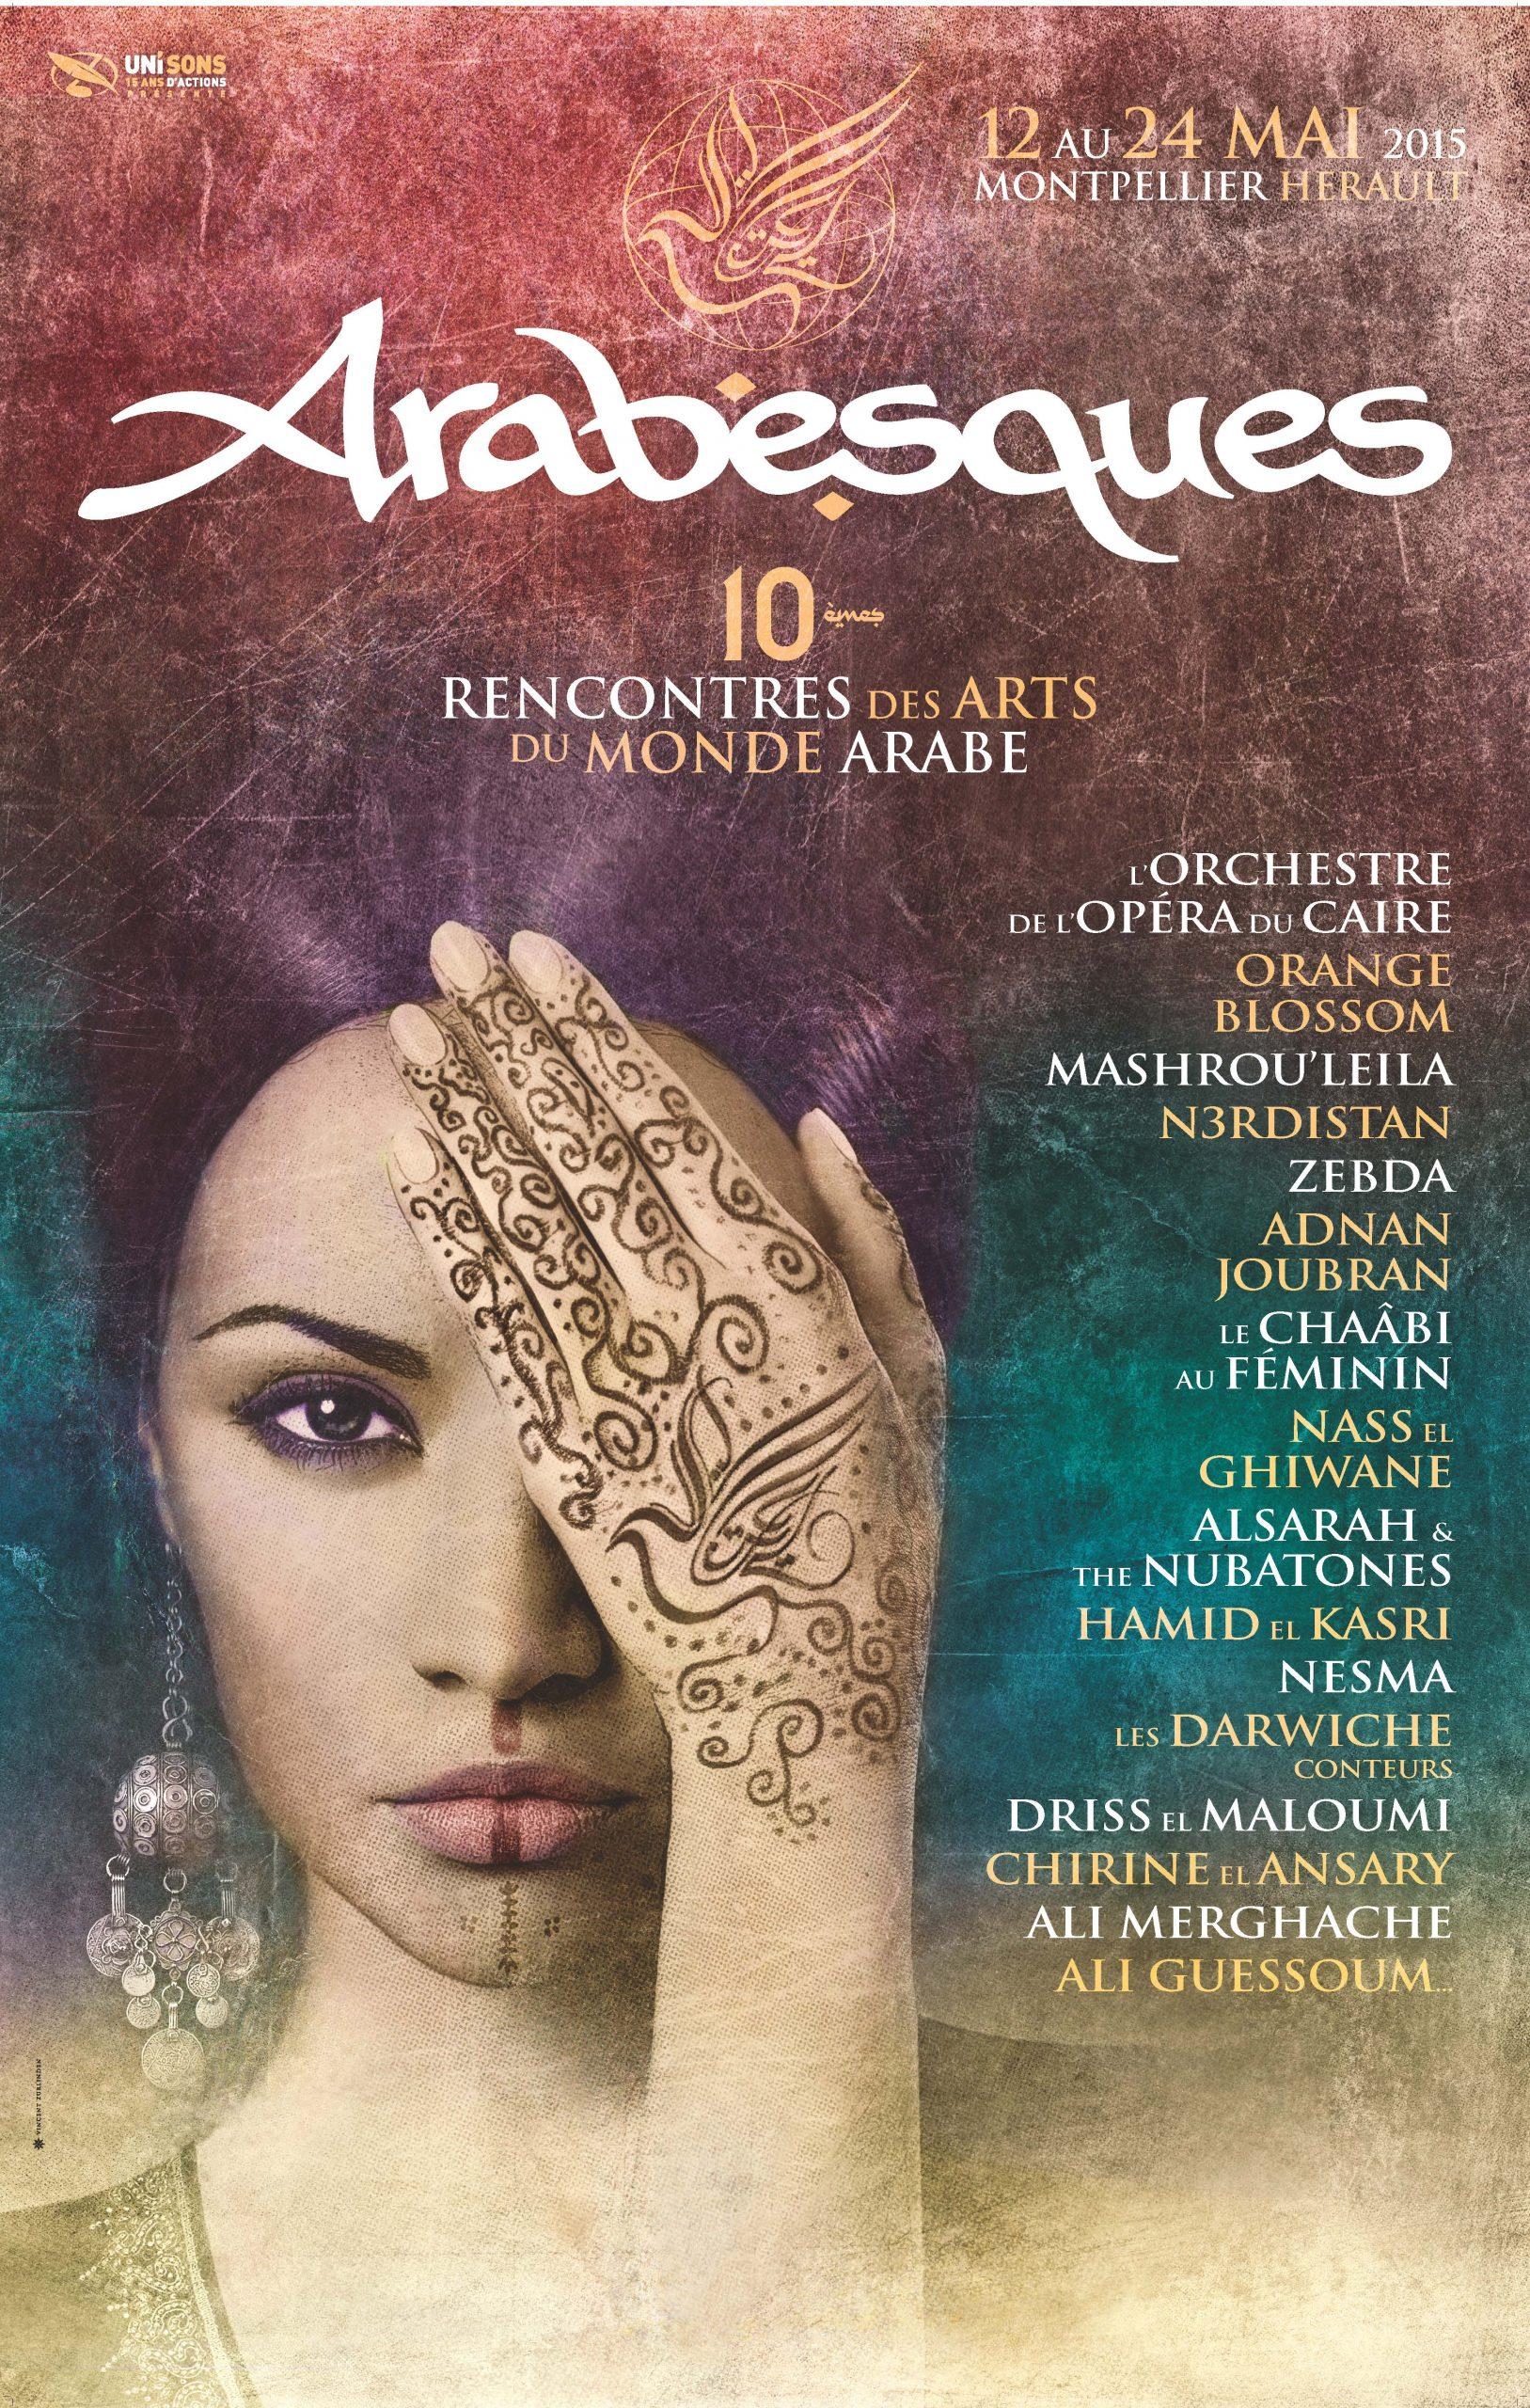 Festival-Arabesques-Affiche-2015